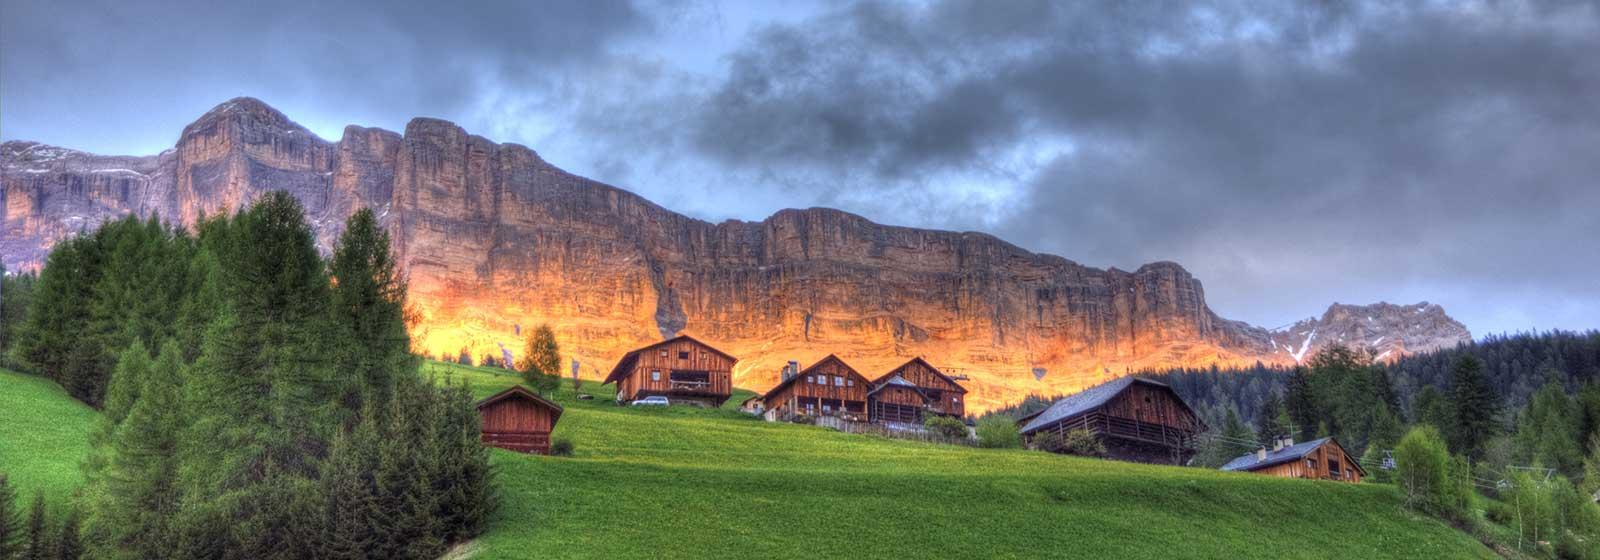 il-mondo-ladino-hotel-ciasa-salares-val-badia